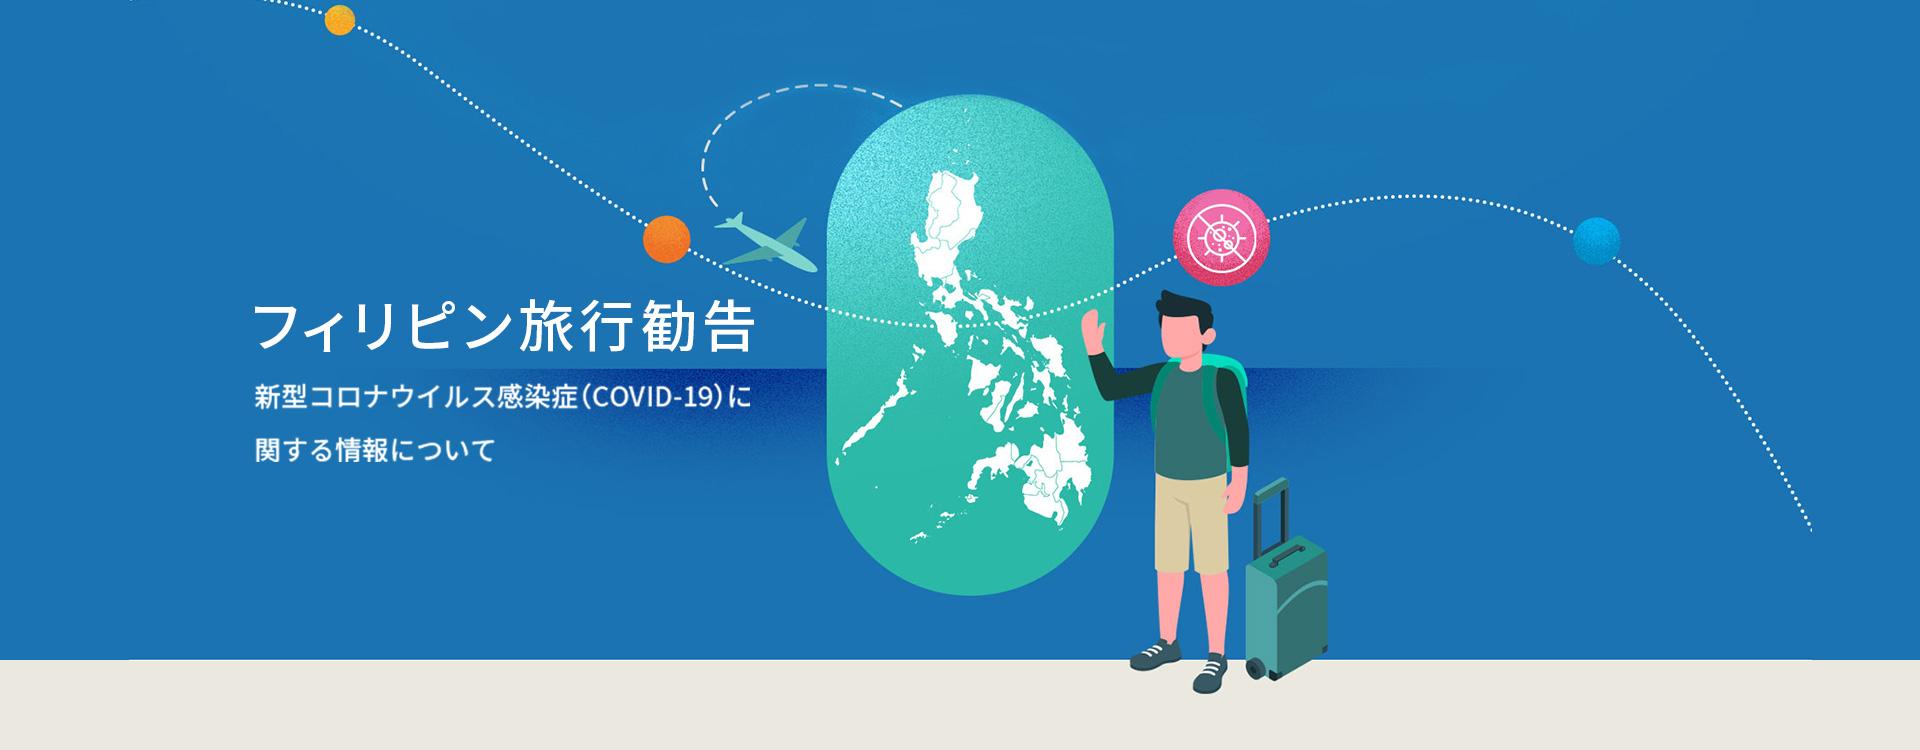 フィリピン旅行勧告